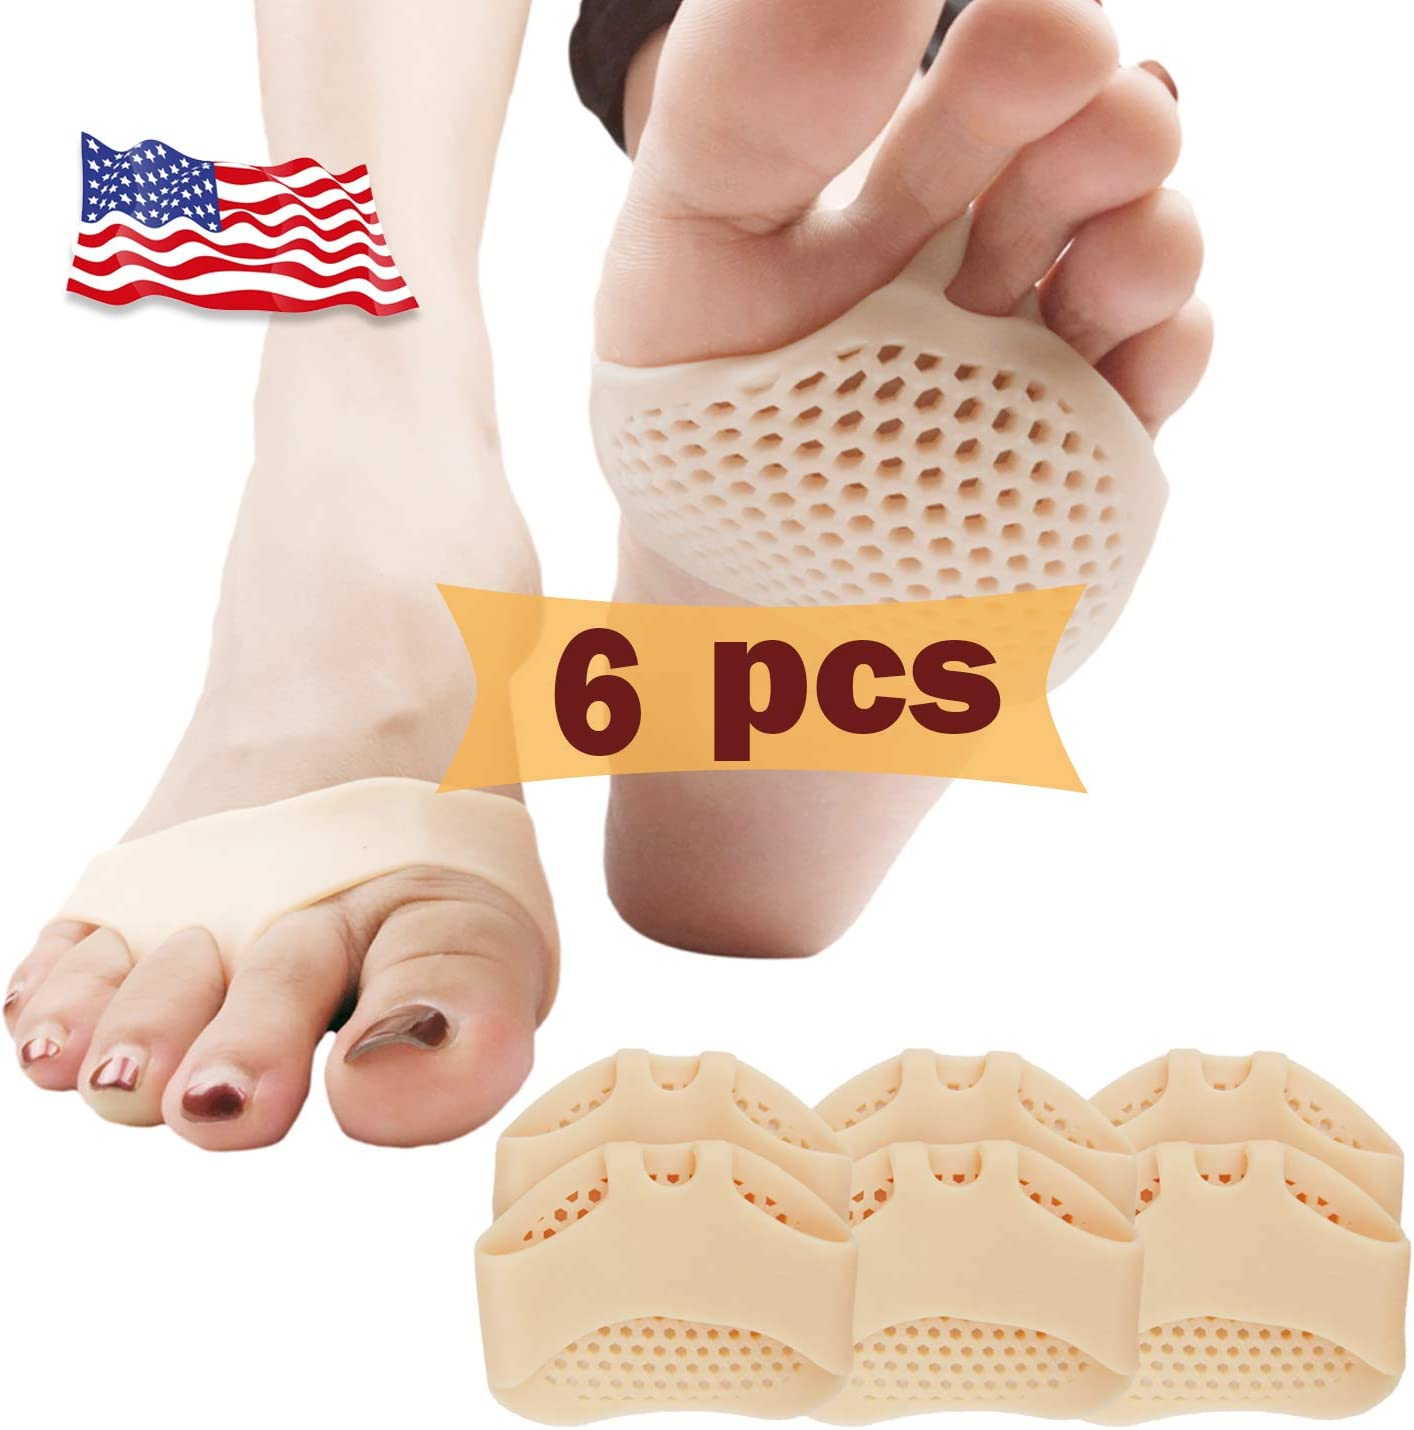 Almohadillas metatarsales, cojín de la bola del pie (6 piezas), NUEVO MATERIAL, Almohadillas para el antepié, gel transpirable y suave, mejor para pies diabéticos, callo.(Piel)